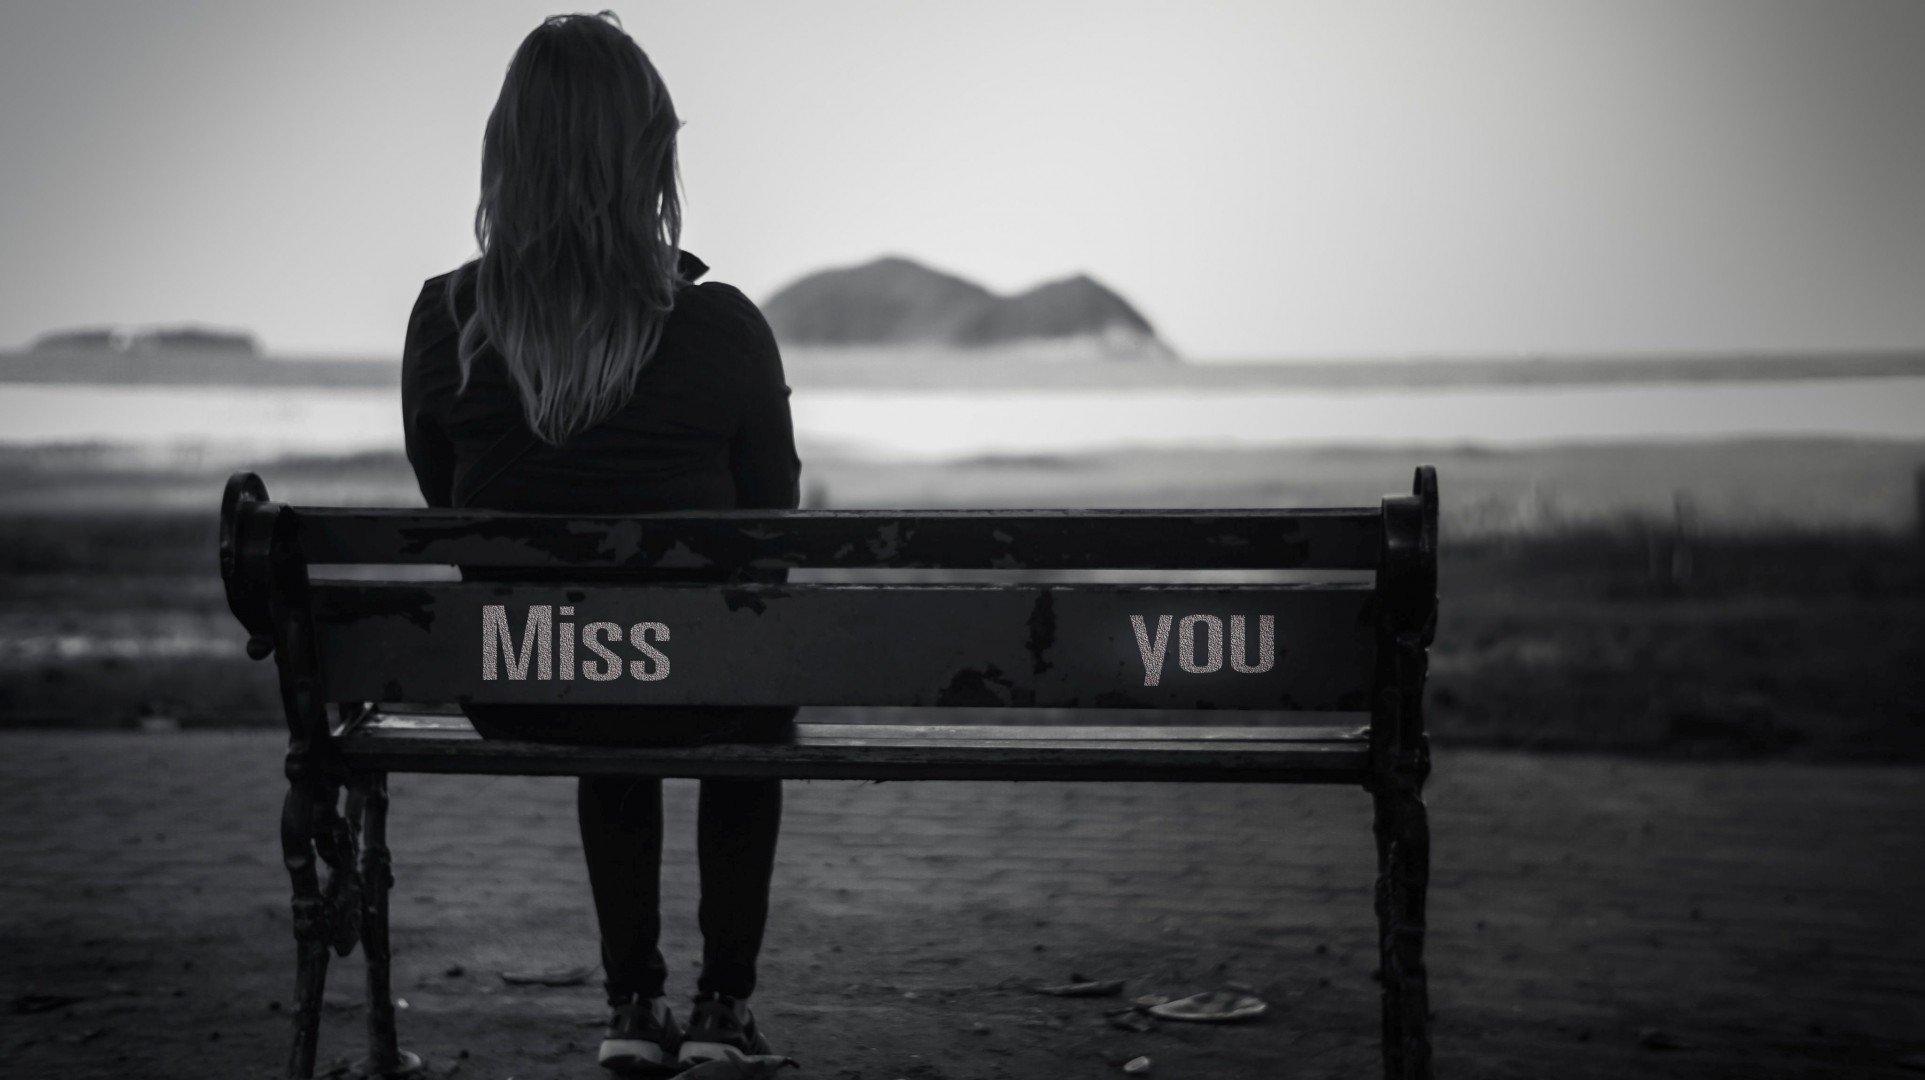 بالصور اجمل الصور الحزينة جدا , شاهد بالصور الوجع والالم 2036 9